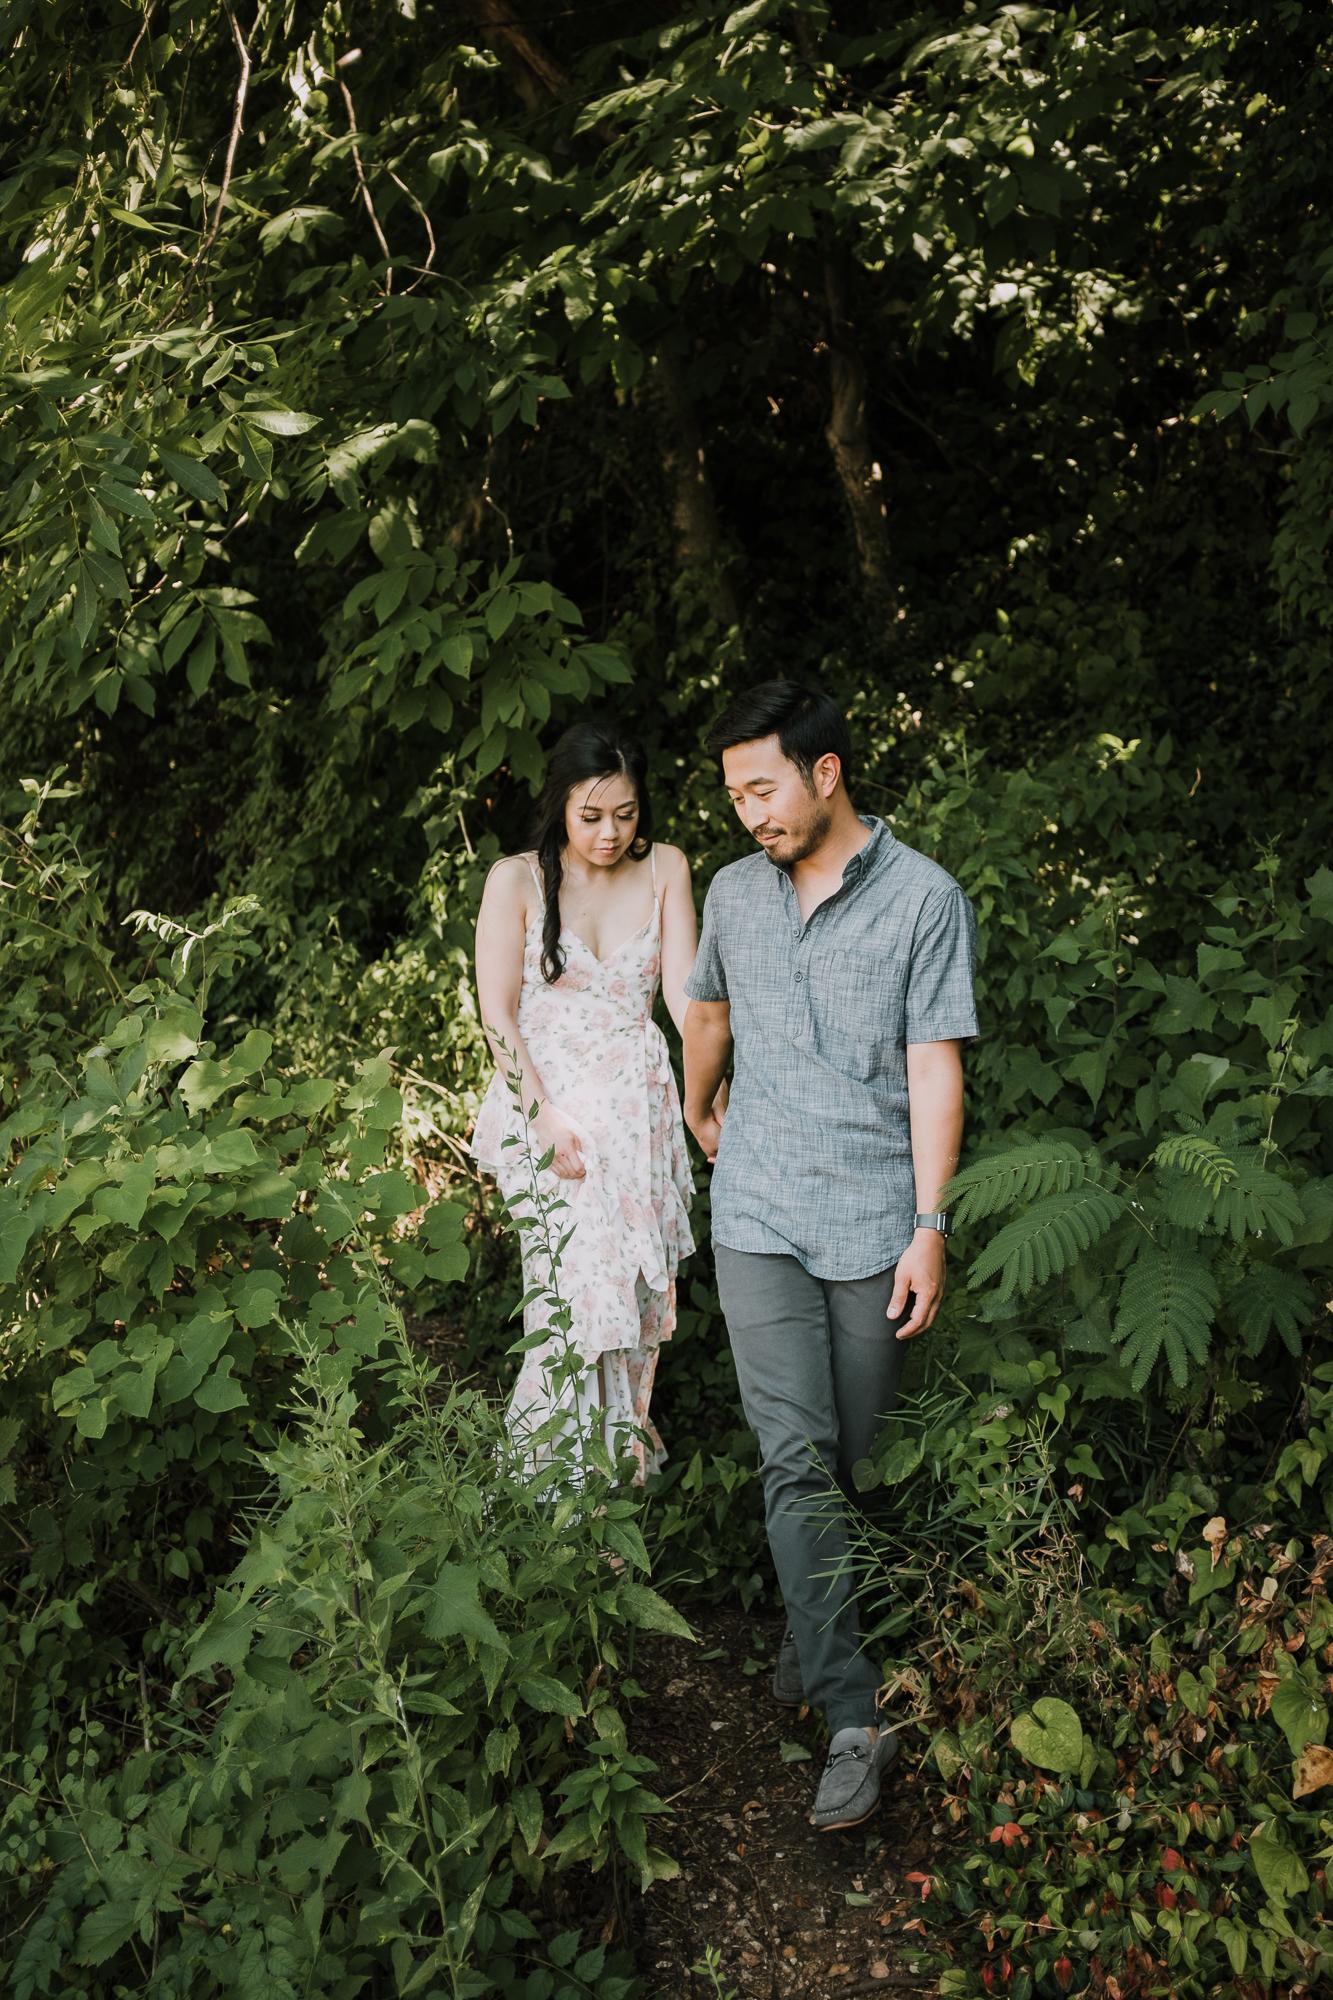 anna+ed.engagement.©mileswittboyer2018-11.jpg